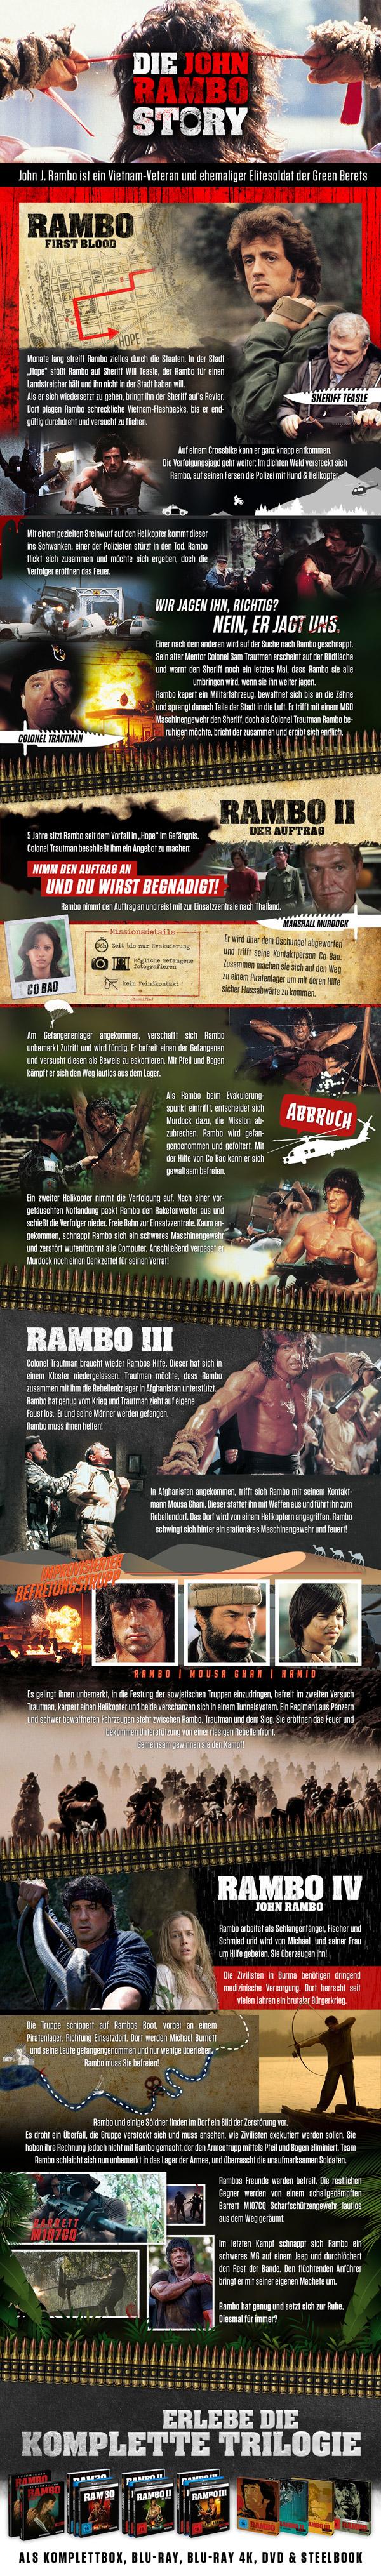 Rambo 1-4 die gesamte Story